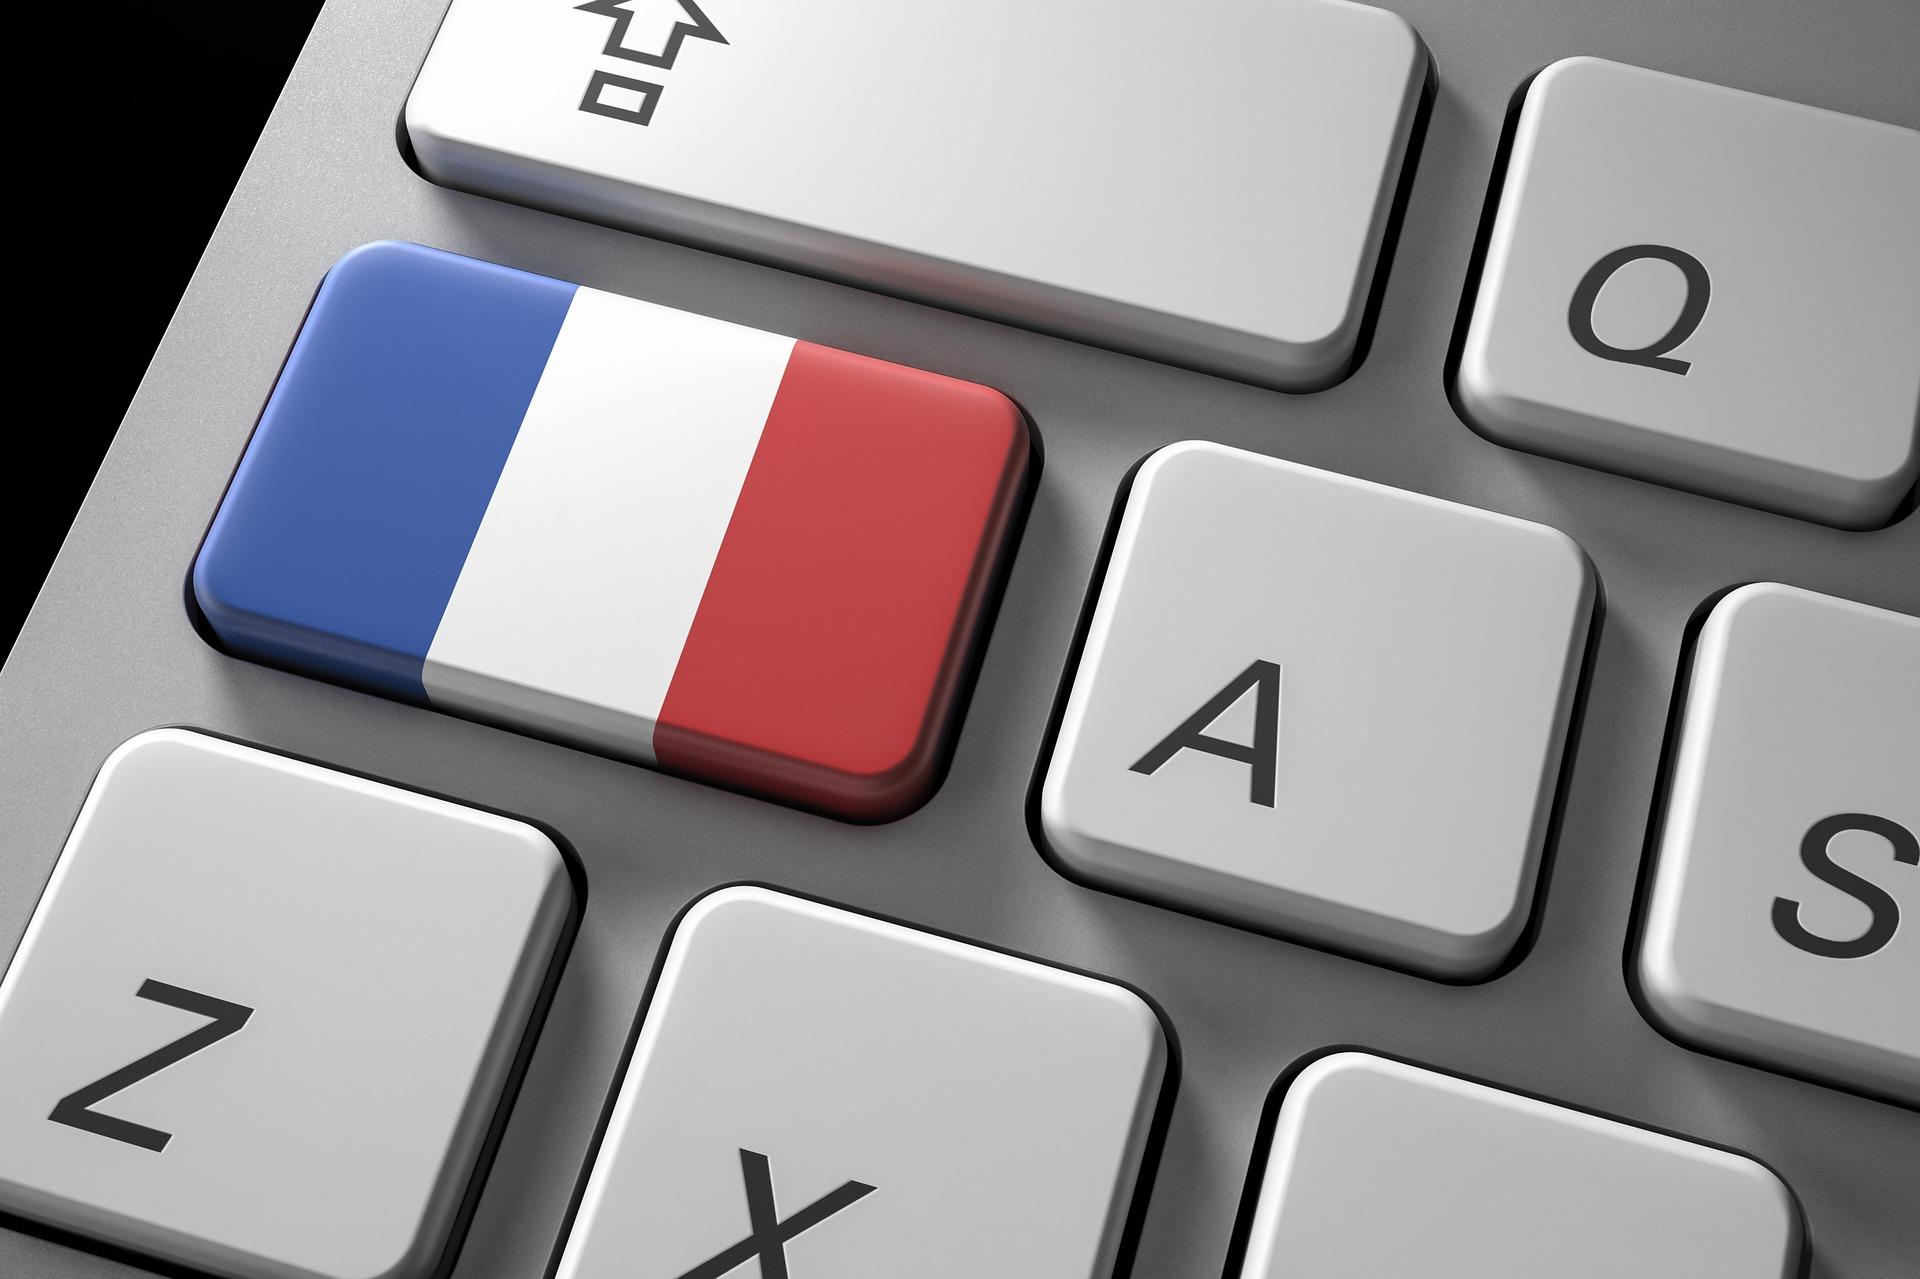 Translation keyboard image